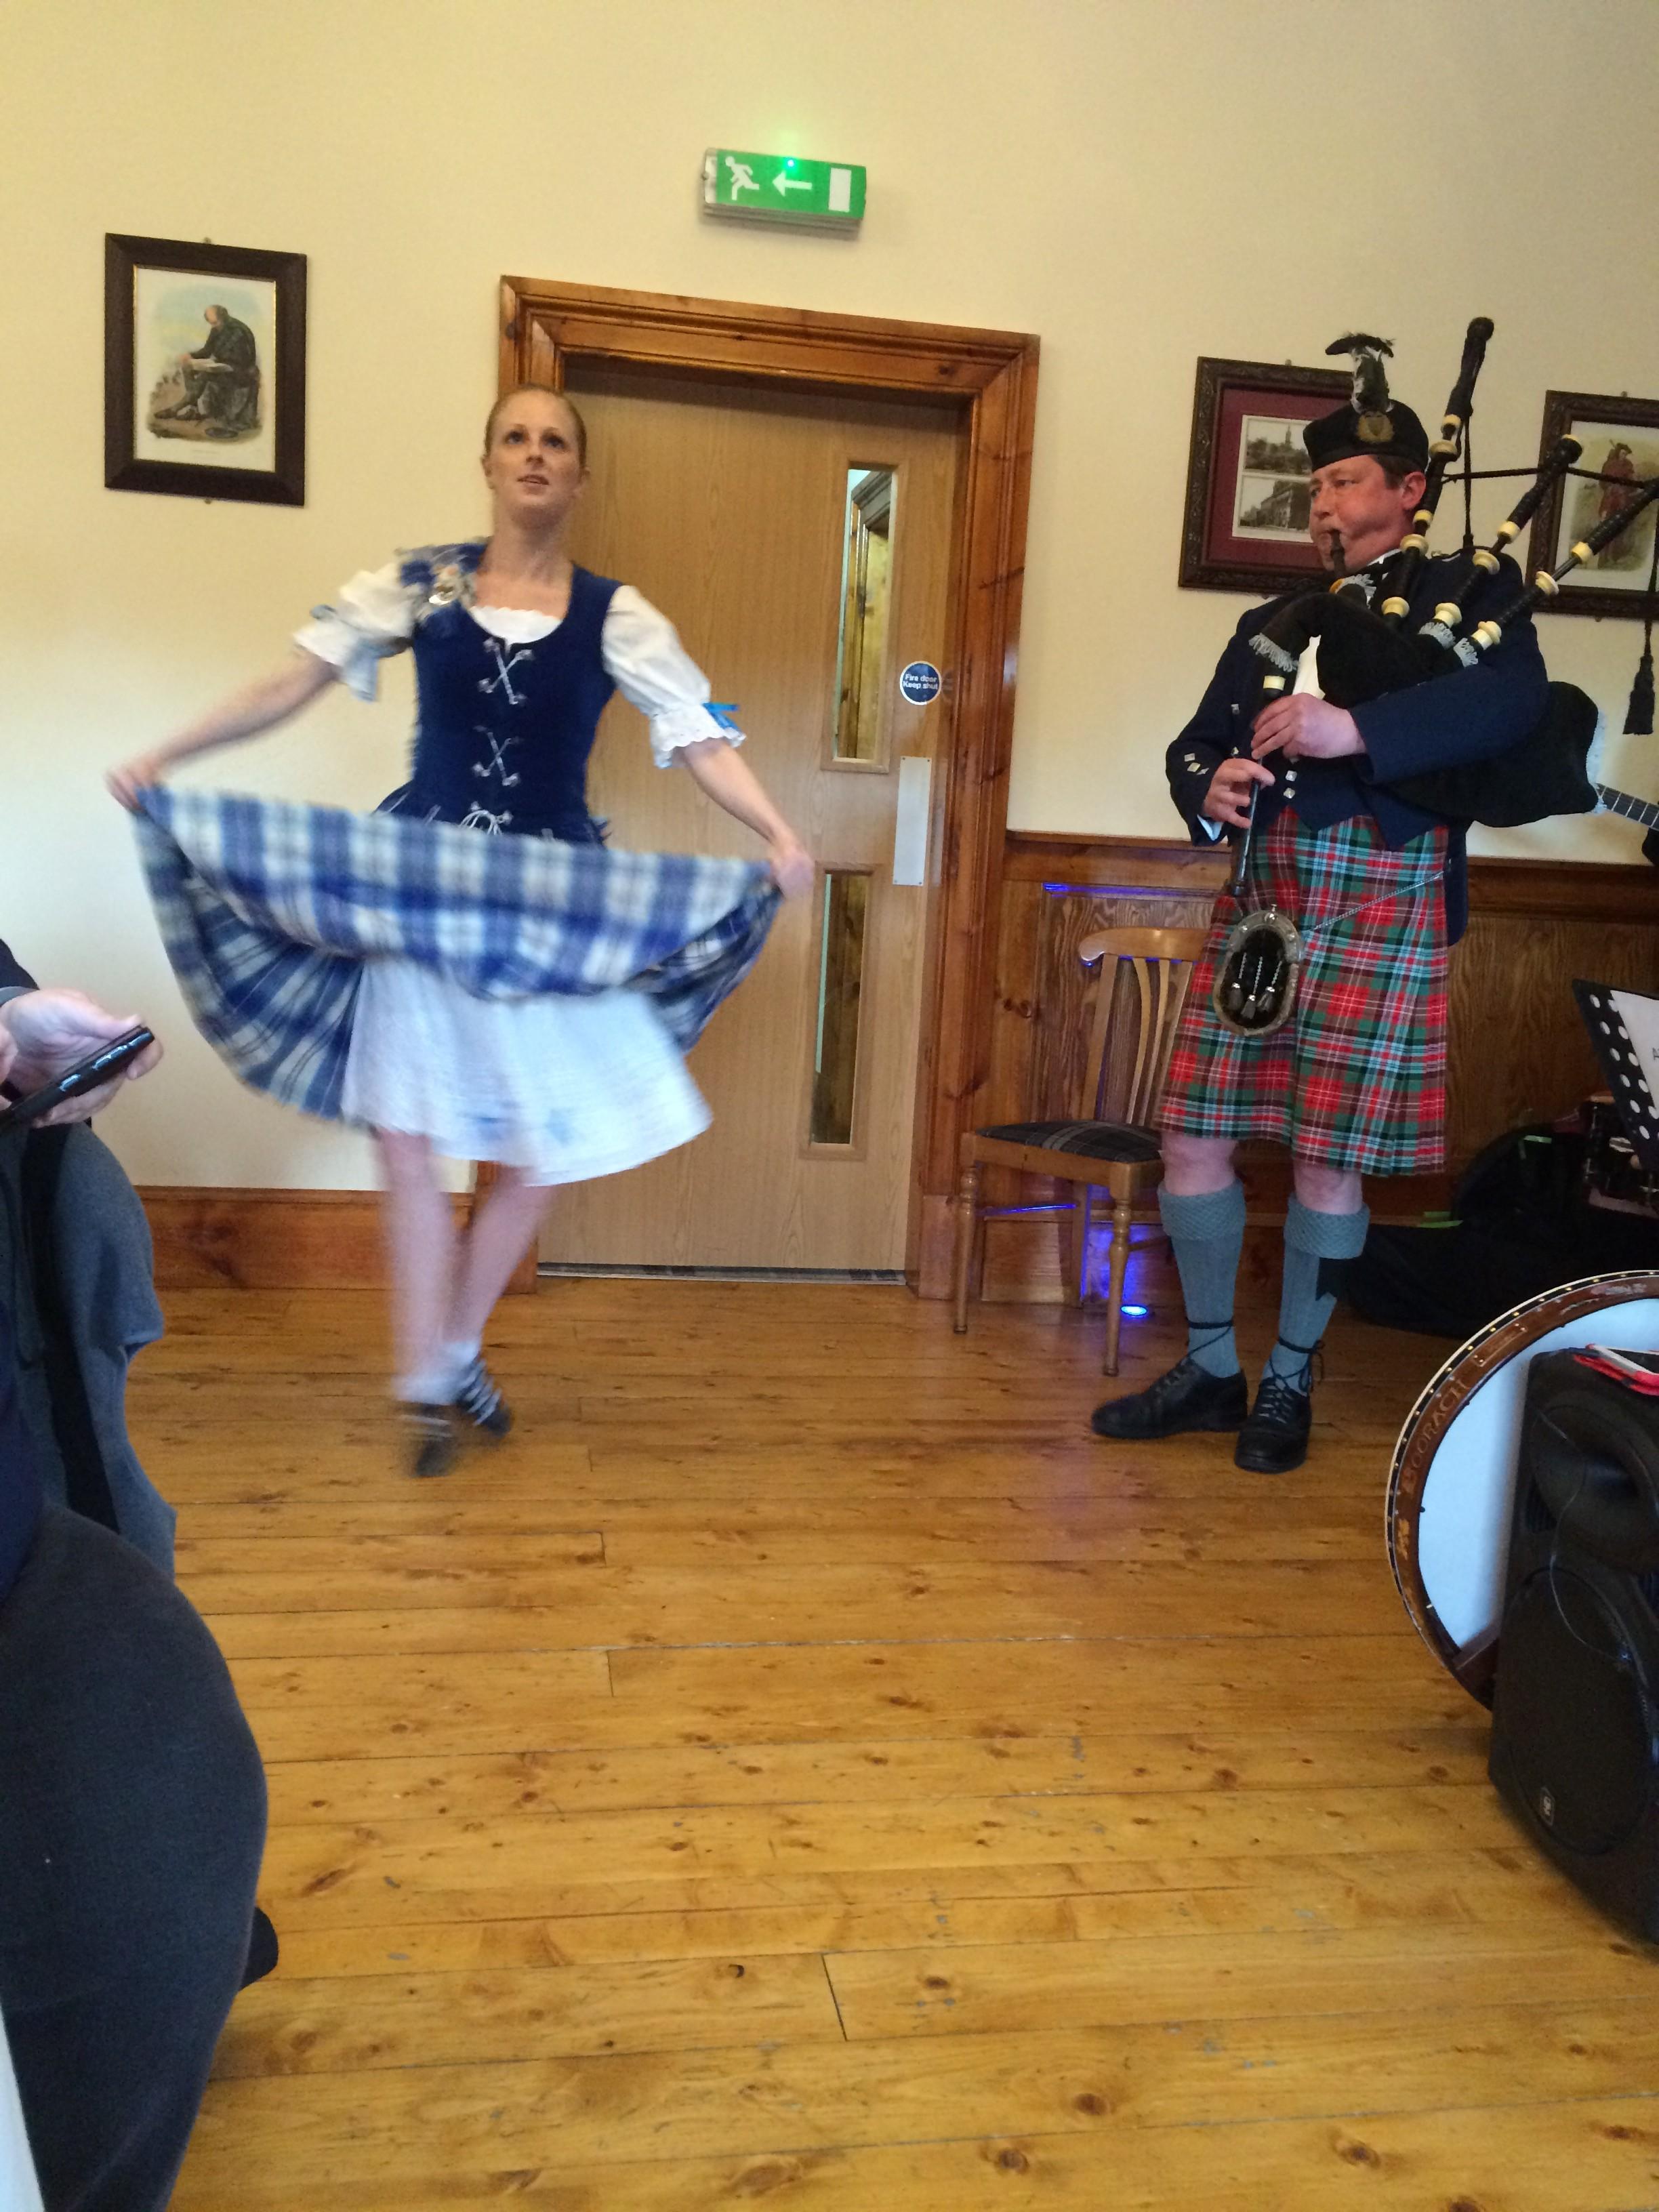 Scottish dancer and Graeme the piper